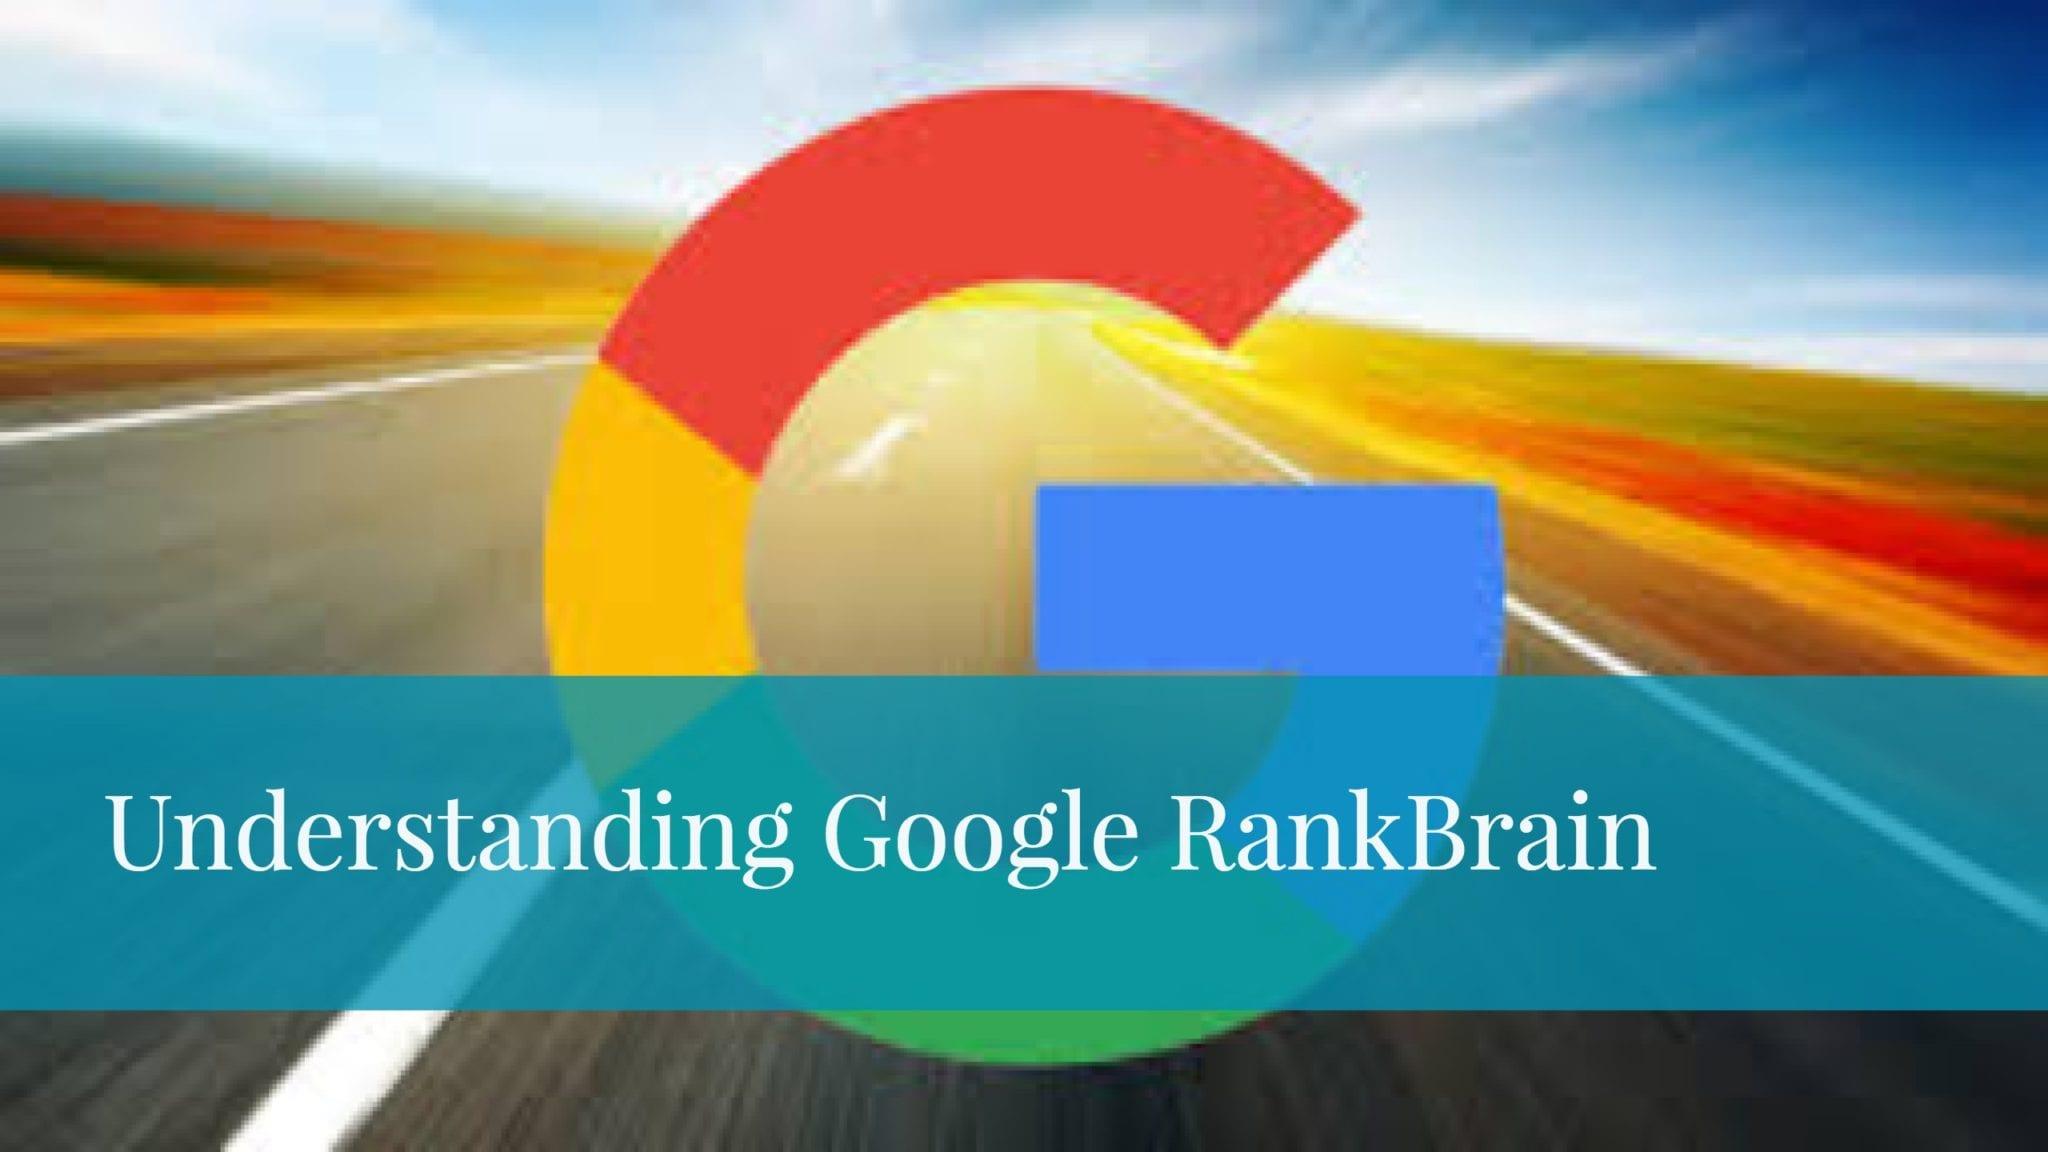 SEO Updates: Understanding Google RankBrain